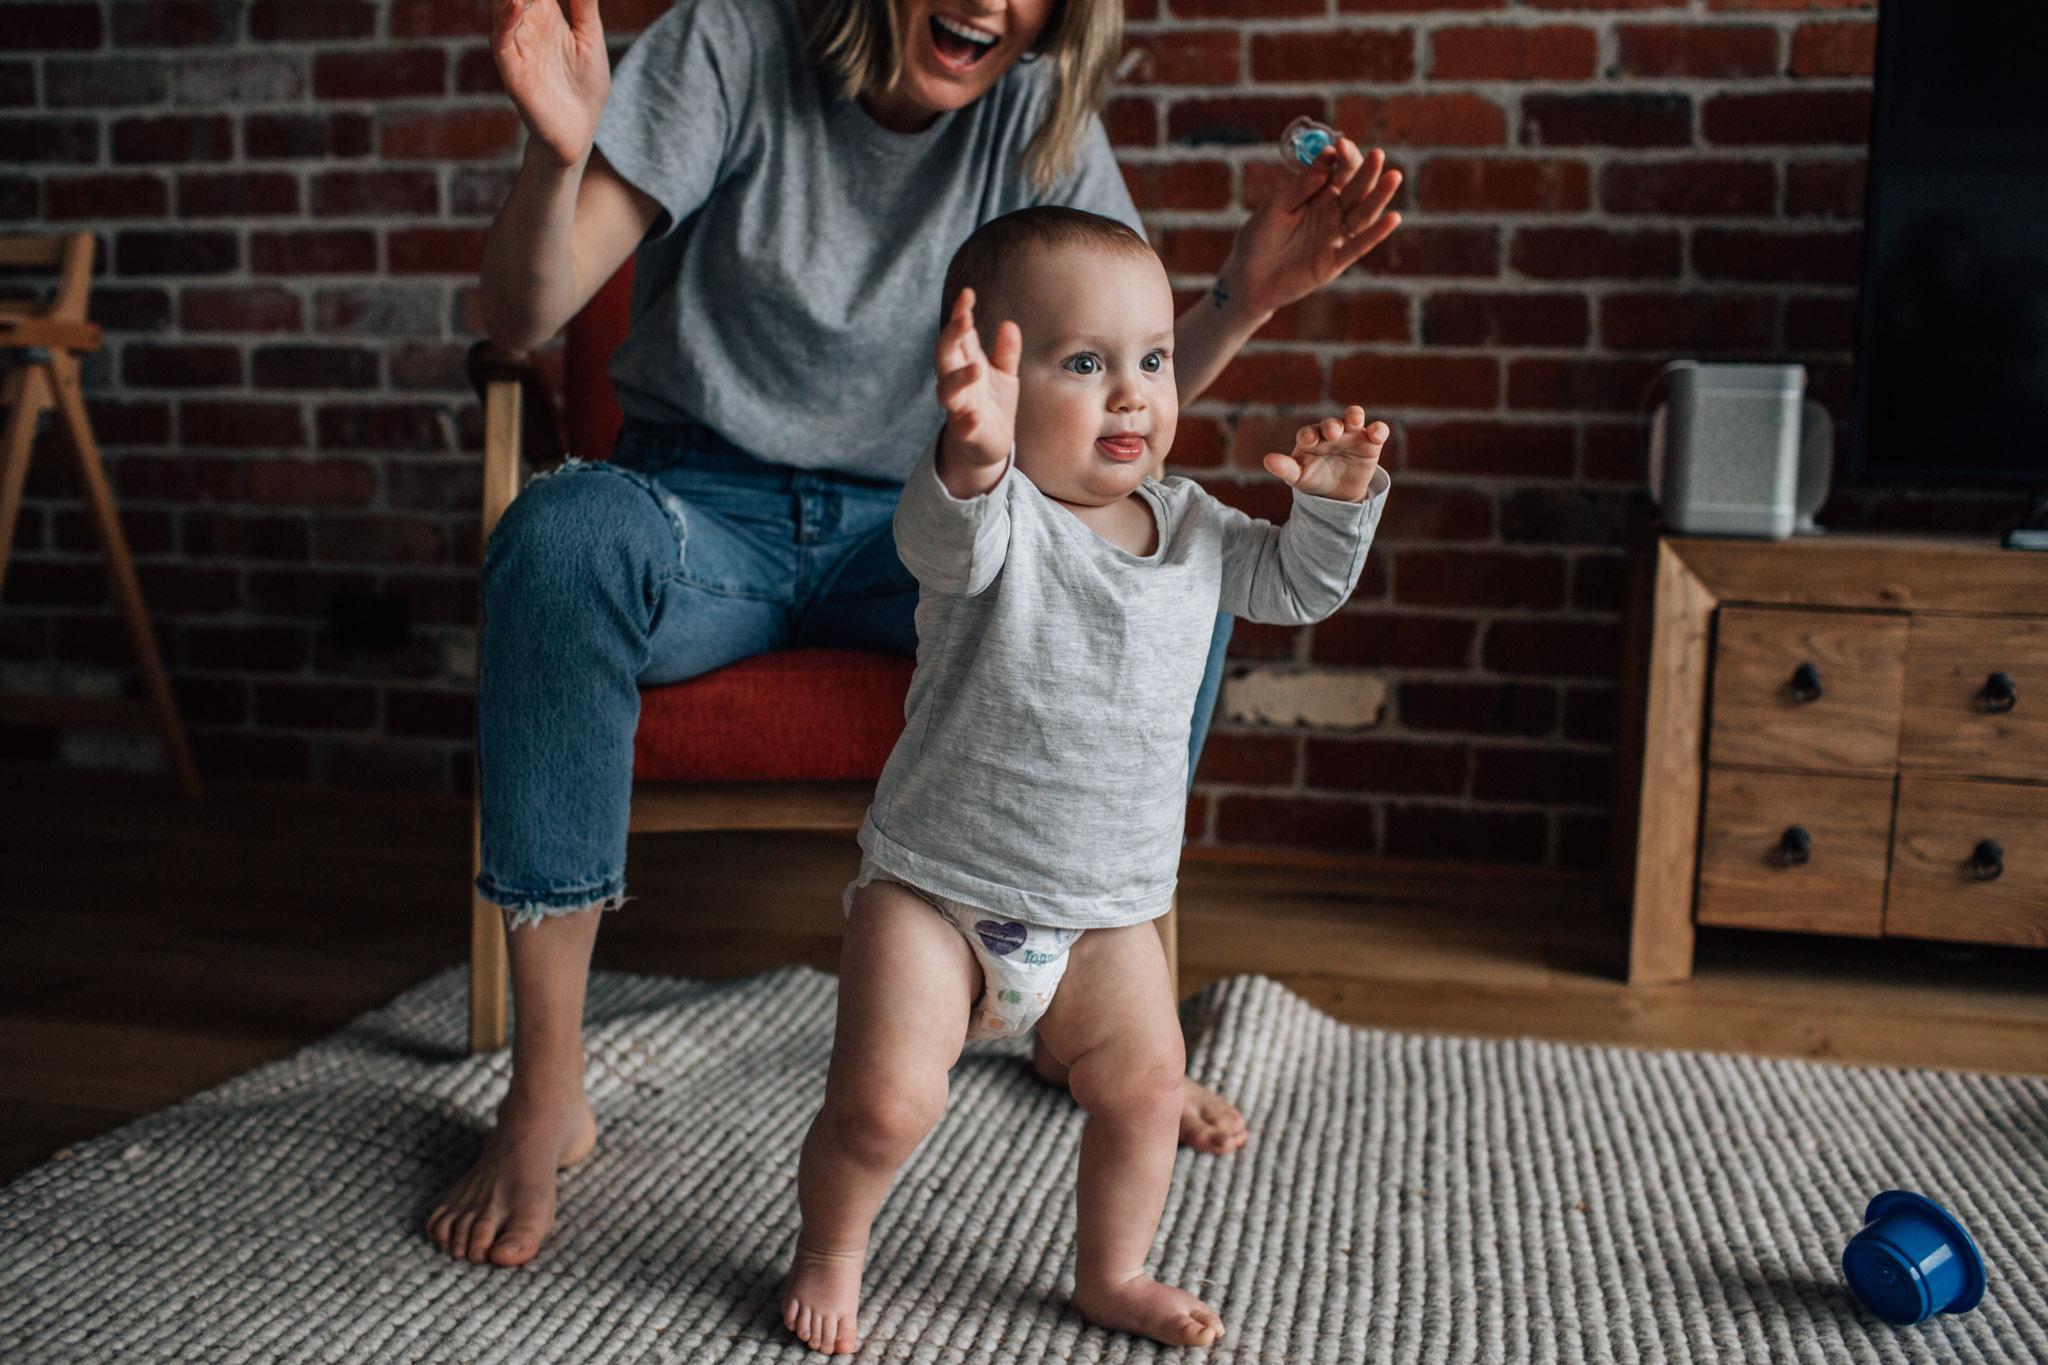 baby-beginner-walking (1 of 1).jpg